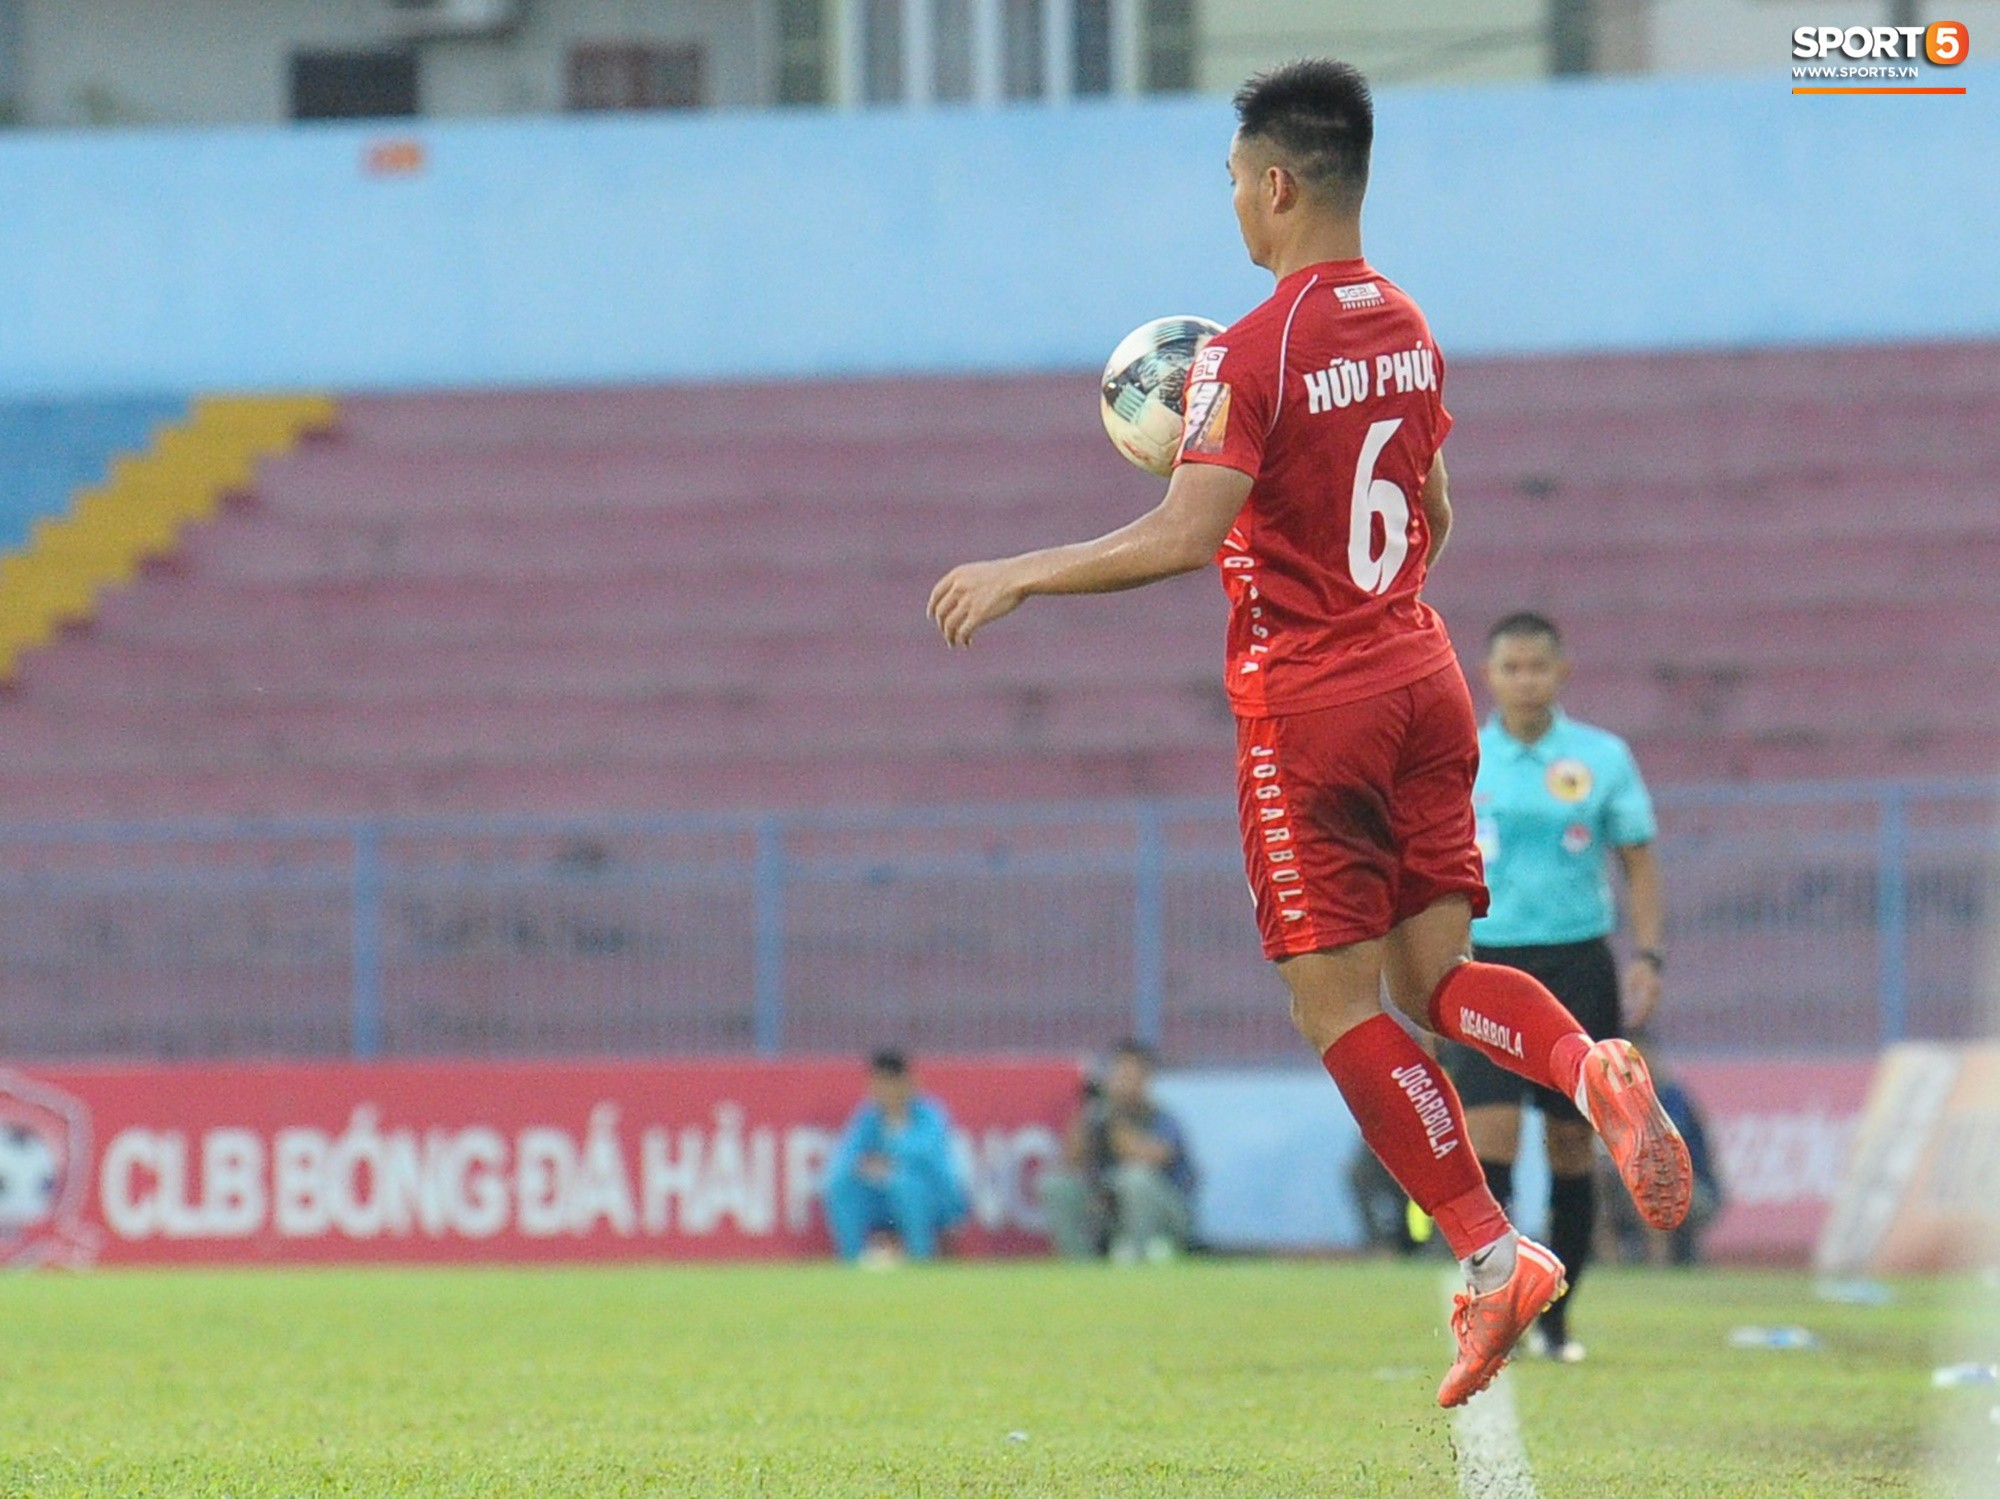 Hành động đẹp của cầu thủ Hải Phòng trong trận cầu nảy lửa với Thanh Hoá - Ảnh 2.